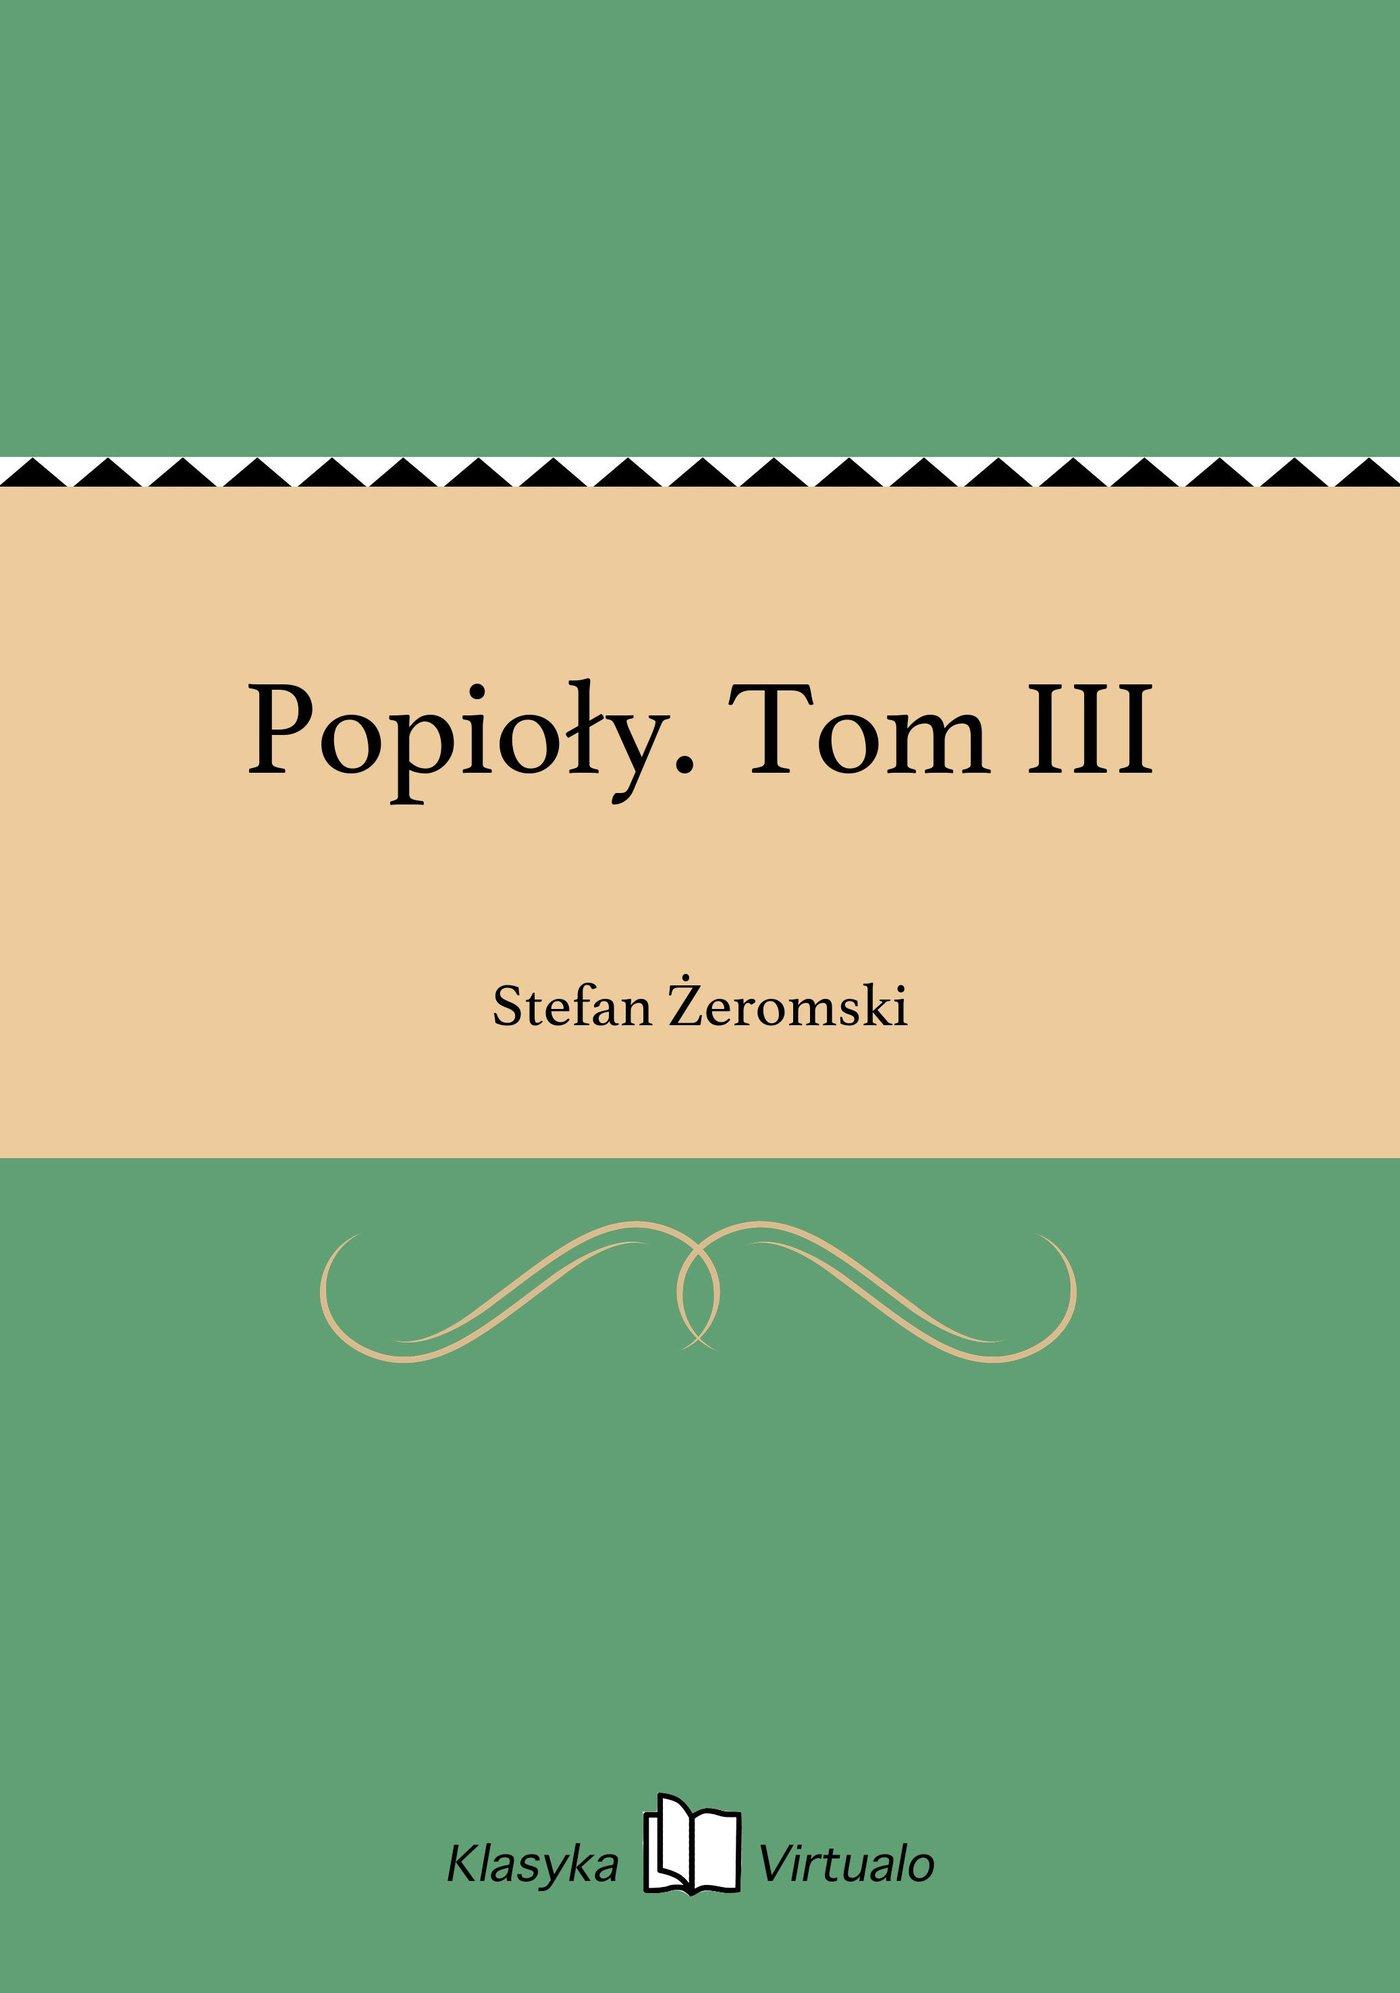 Popioły. Tom III - Ebook (Książka EPUB) do pobrania w formacie EPUB